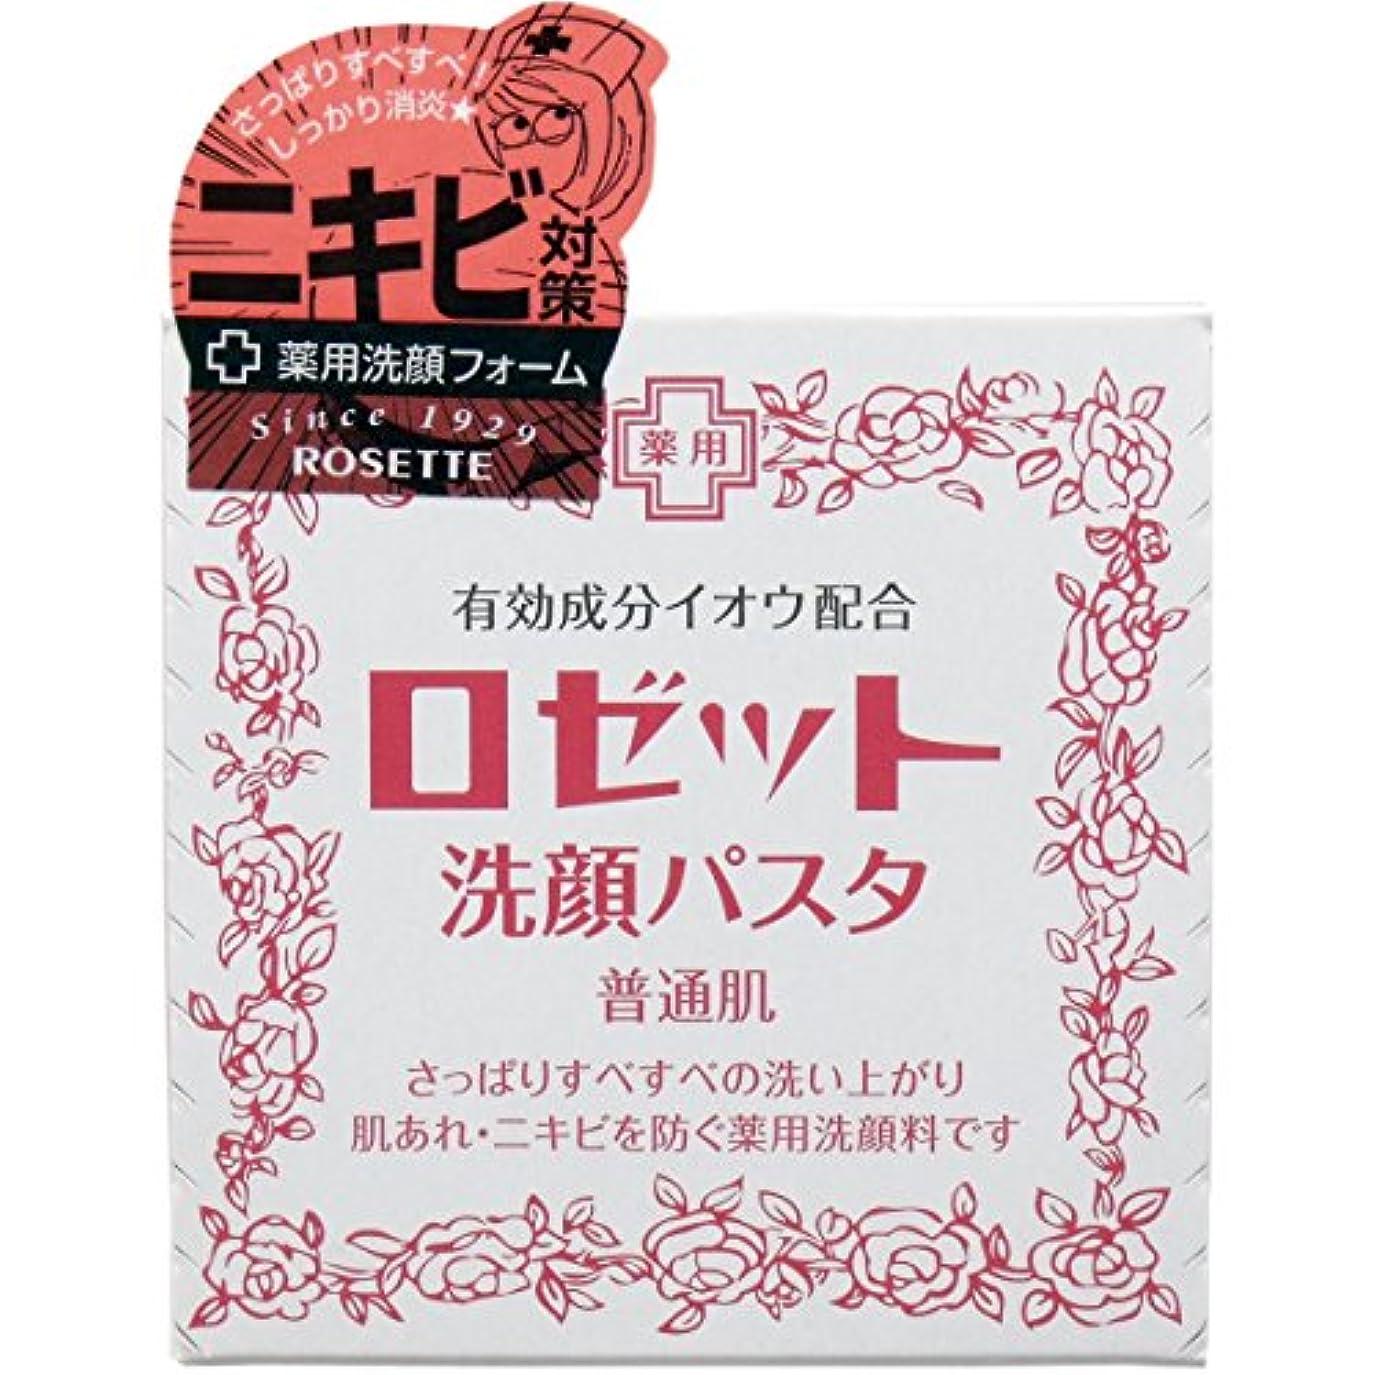 しわ虫雪だるまを作る【まとめ買い】ロゼット 洗顔パスタ 普通90g ×2セット